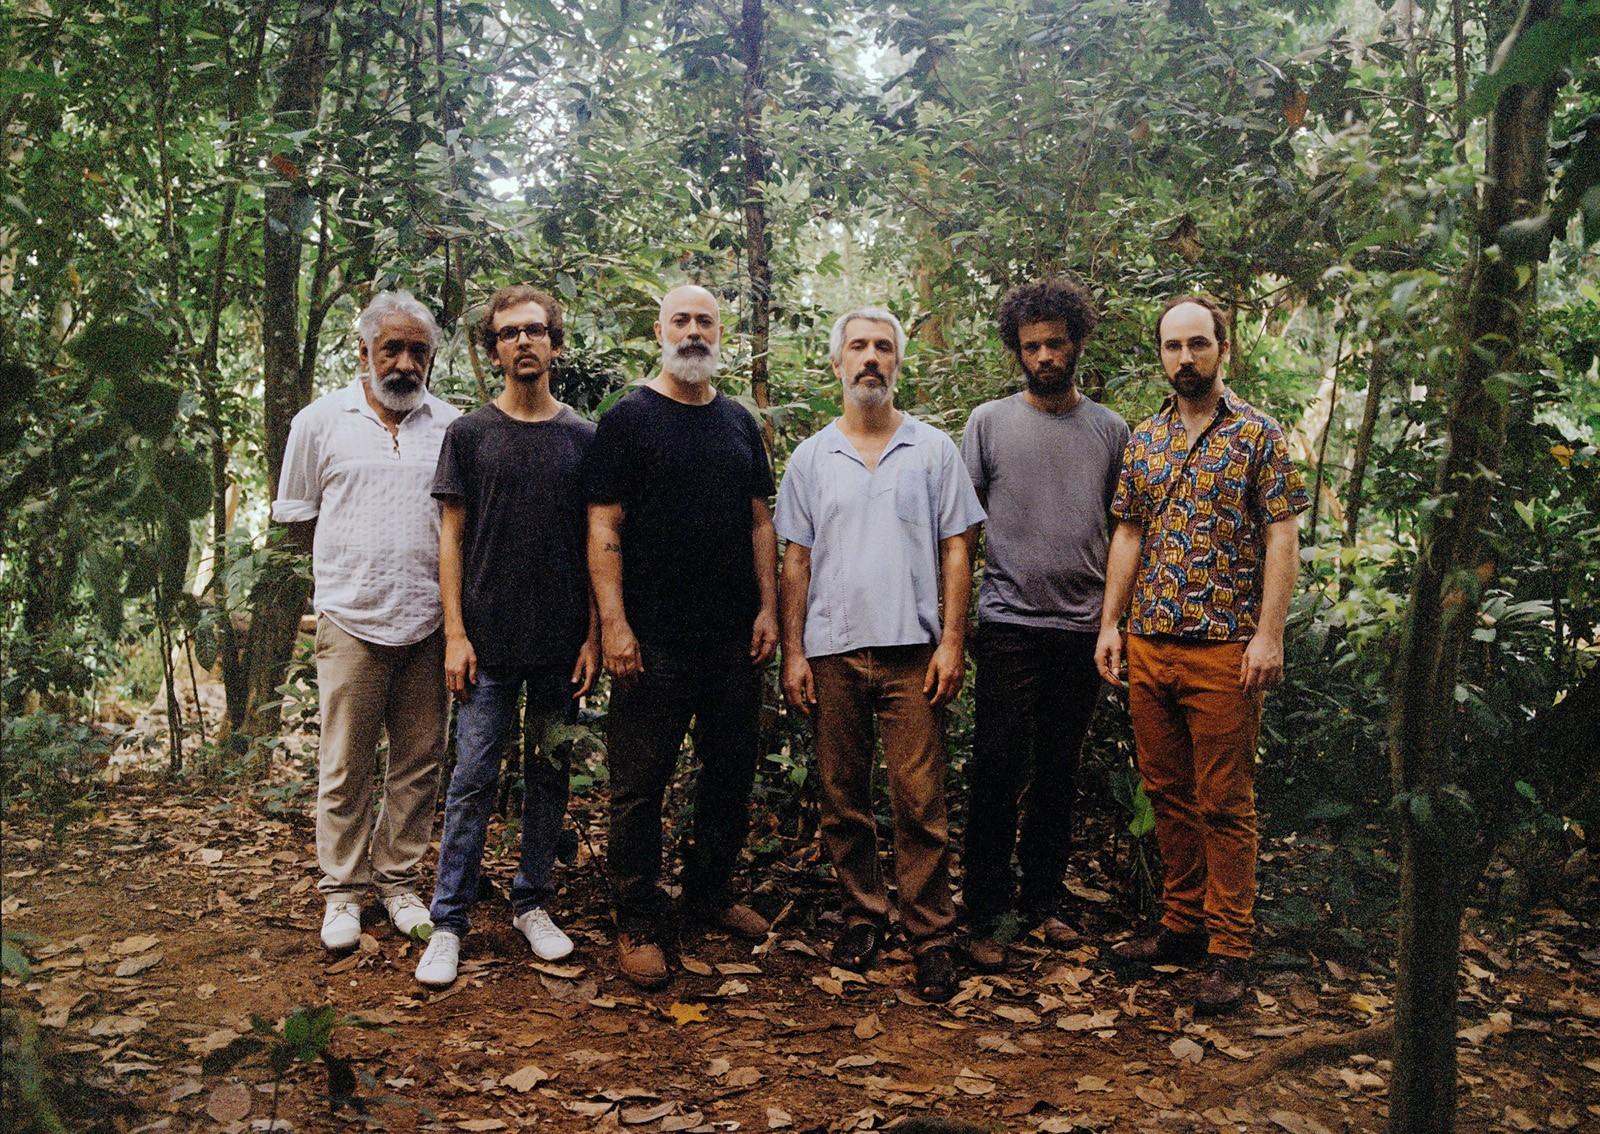 Letieres Leite valoriza 'Canção da cabra' ao se unir ao quinteto de Sylvio Fraga  - Notícias - Plantão Diário